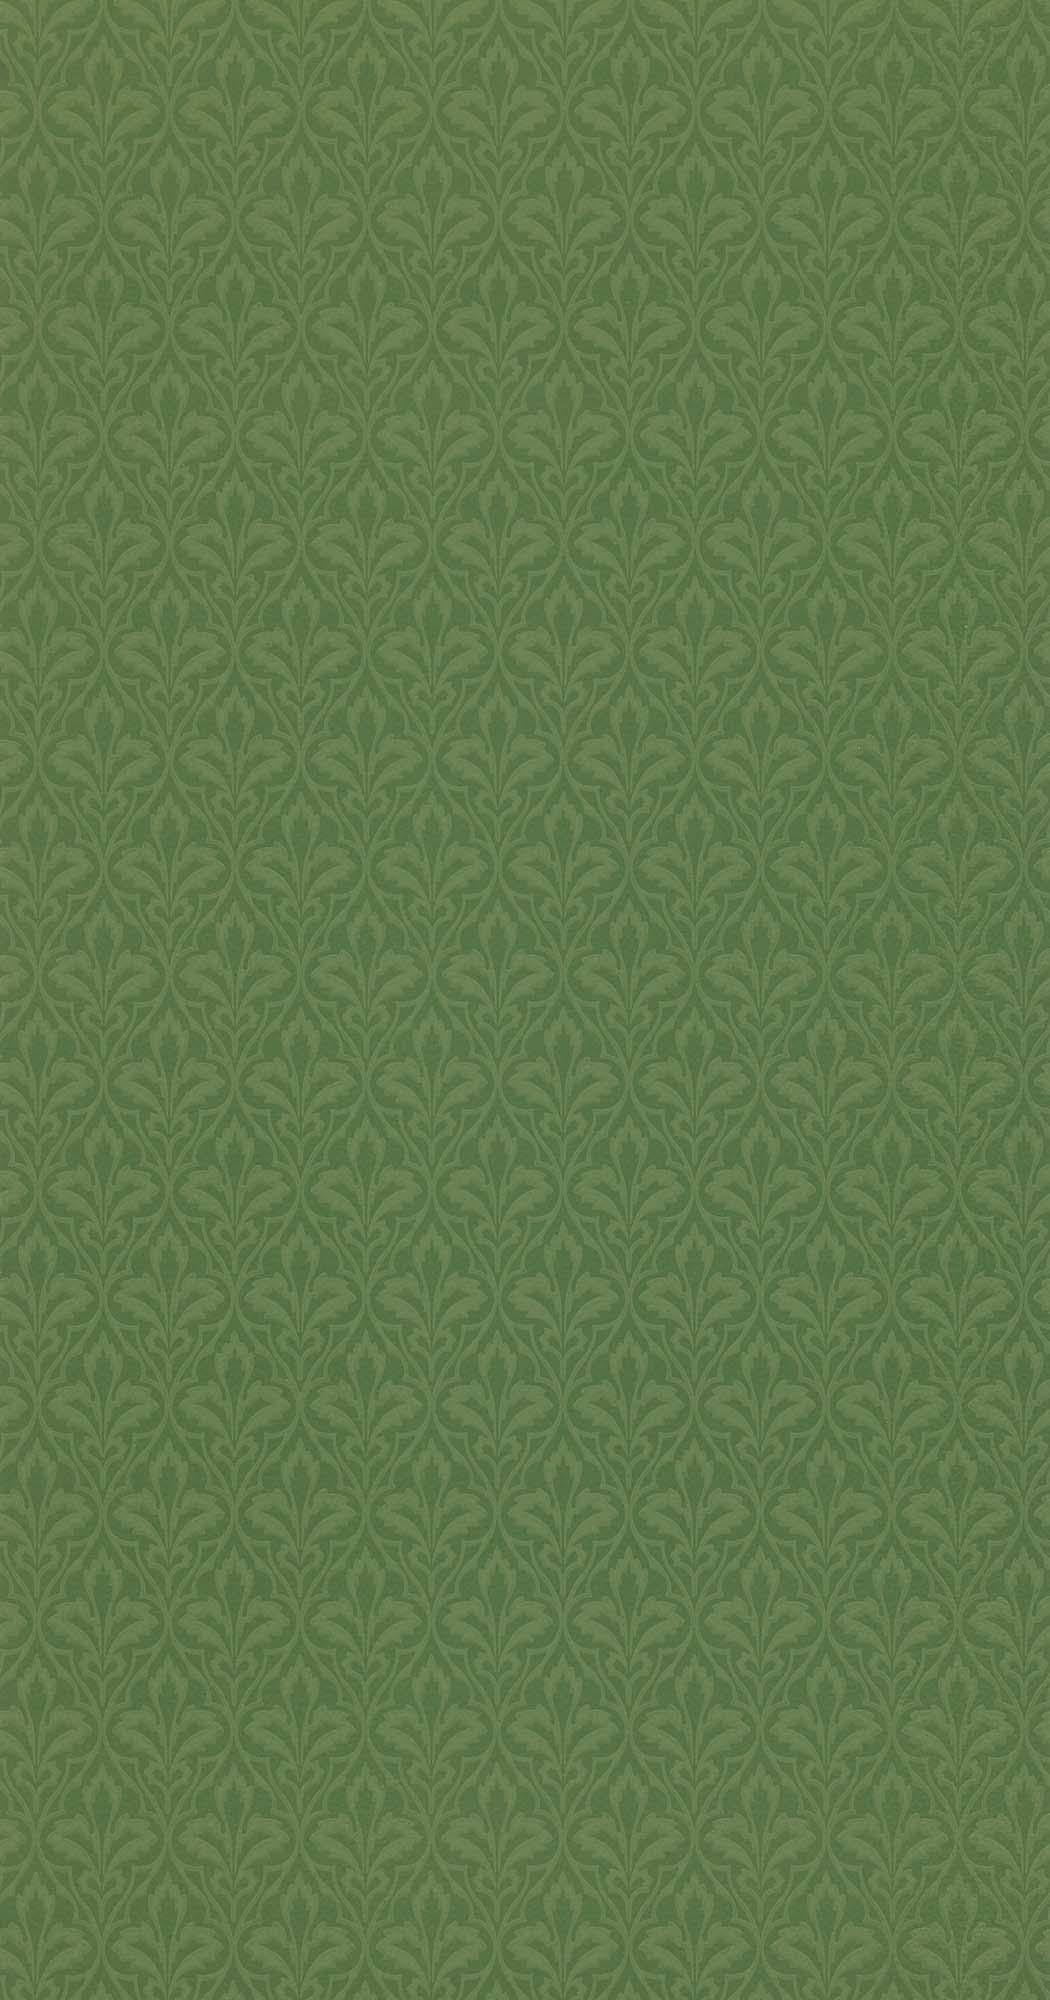 ウィリアムモリス壁紙 Owen Jones WM-8606-8